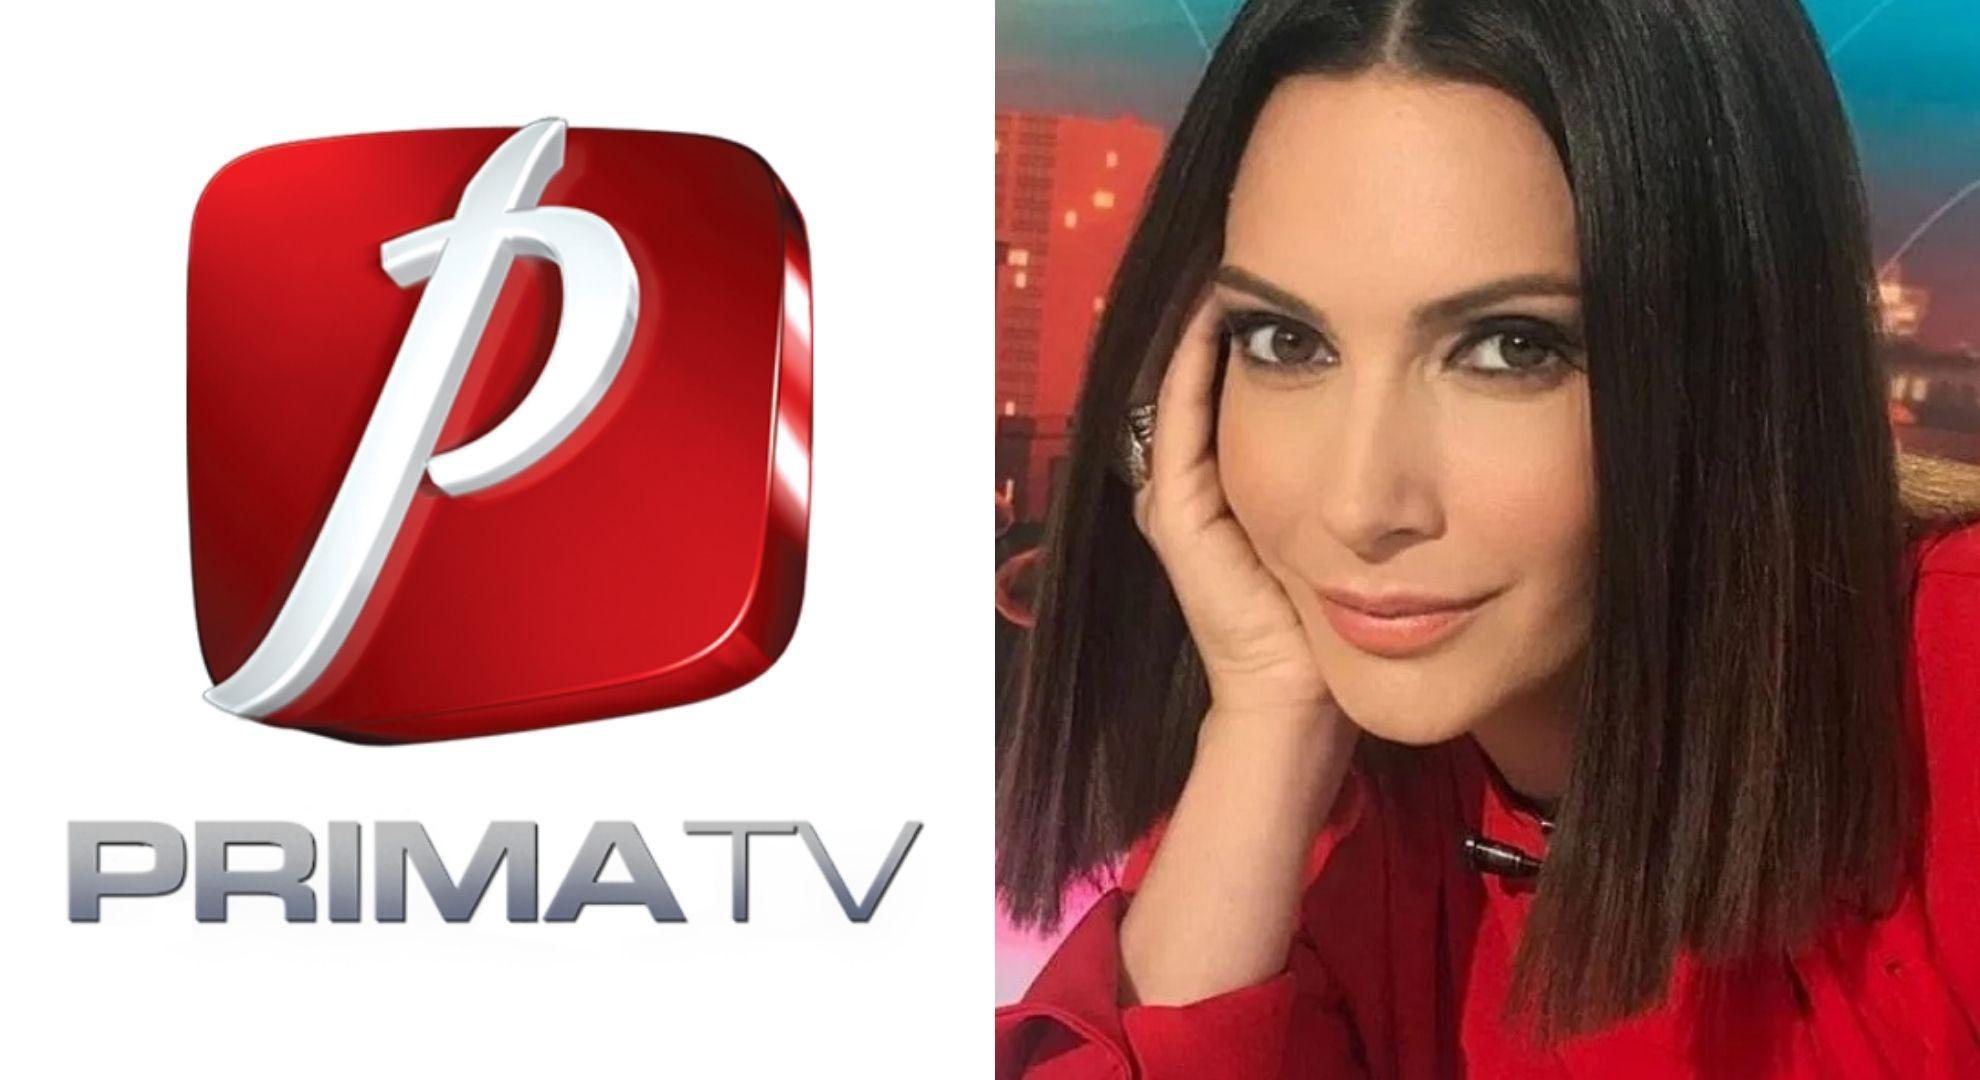 Andreea Berecleanu schimbă macazul. Ce va face vedeta la Prima TV